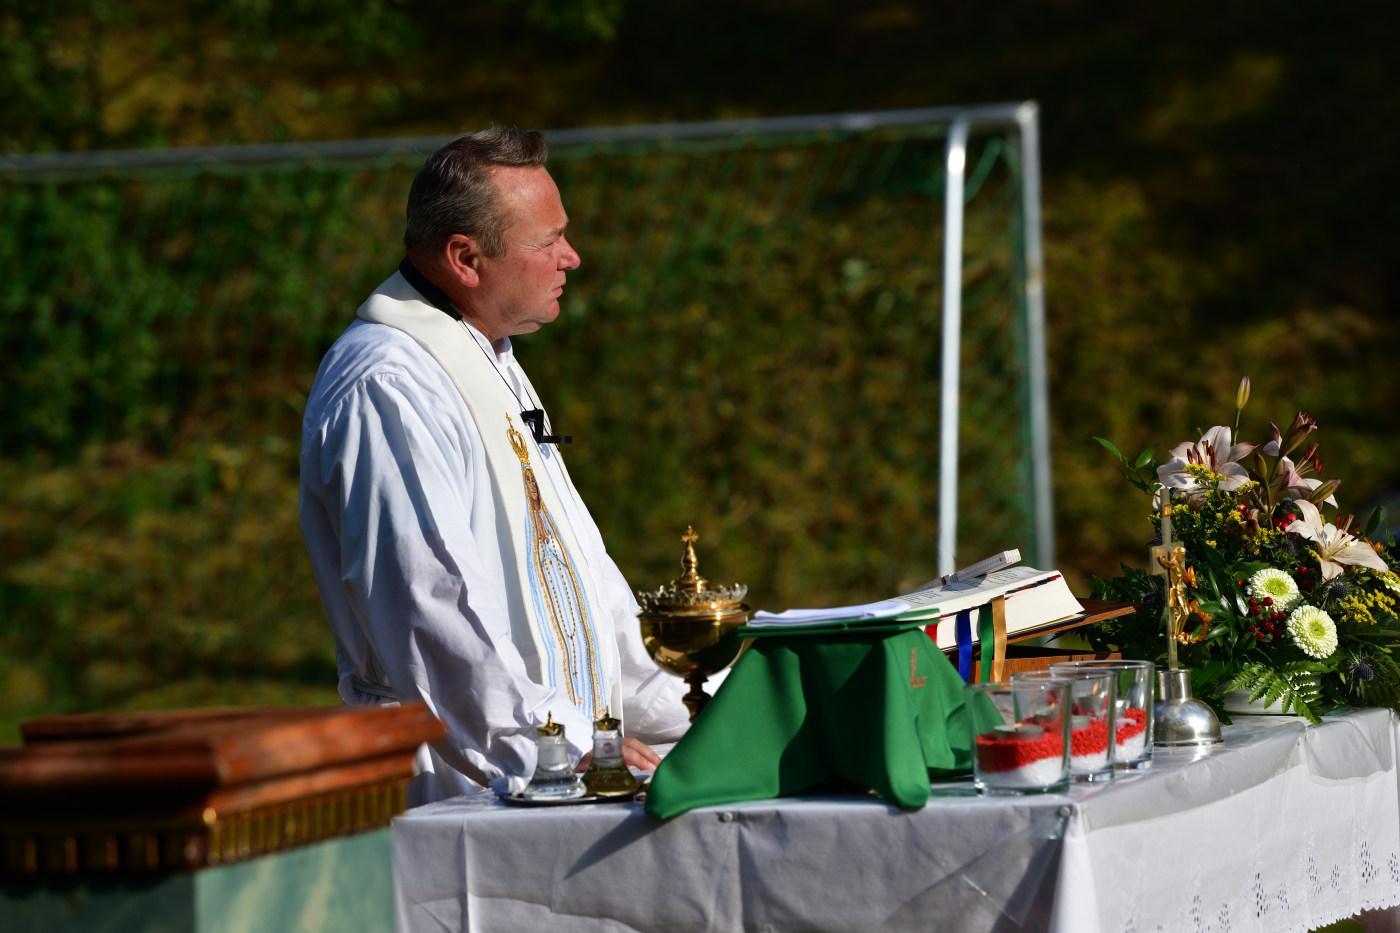 Hl. Messe in der Grünen Mitte 2